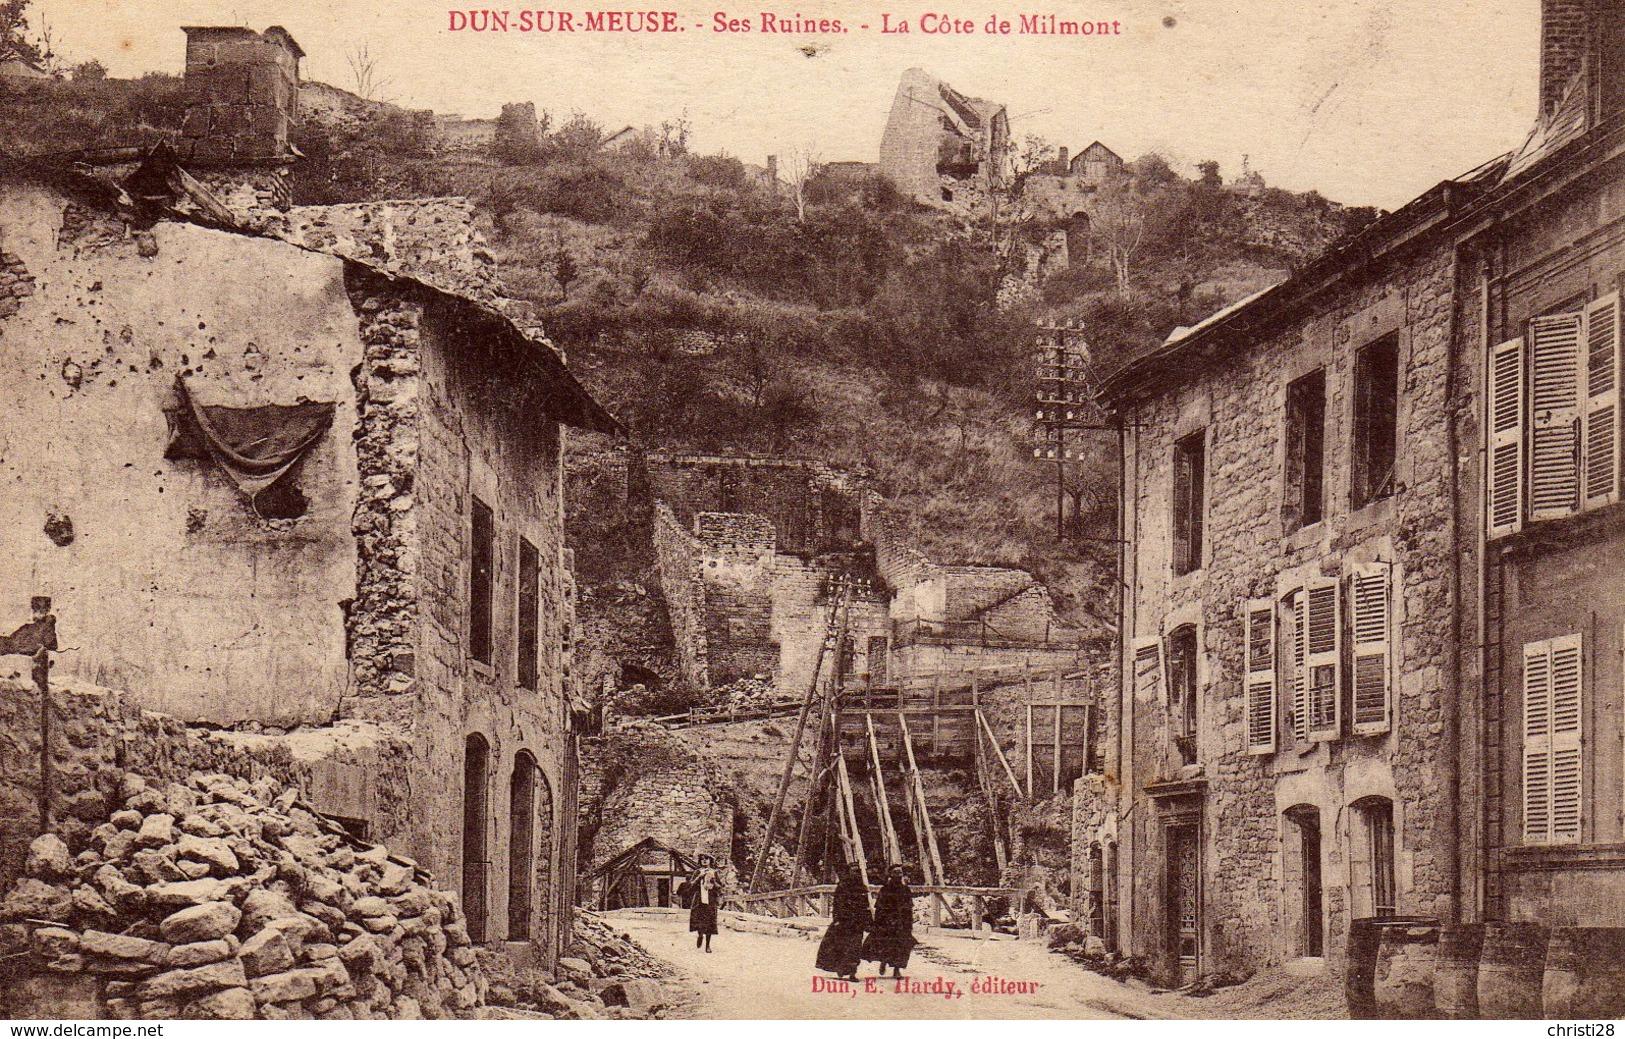 DPT 55 DUN-SUR-MEUSE Ses Ruines La Côte De Milmont - Dun Sur Meuse